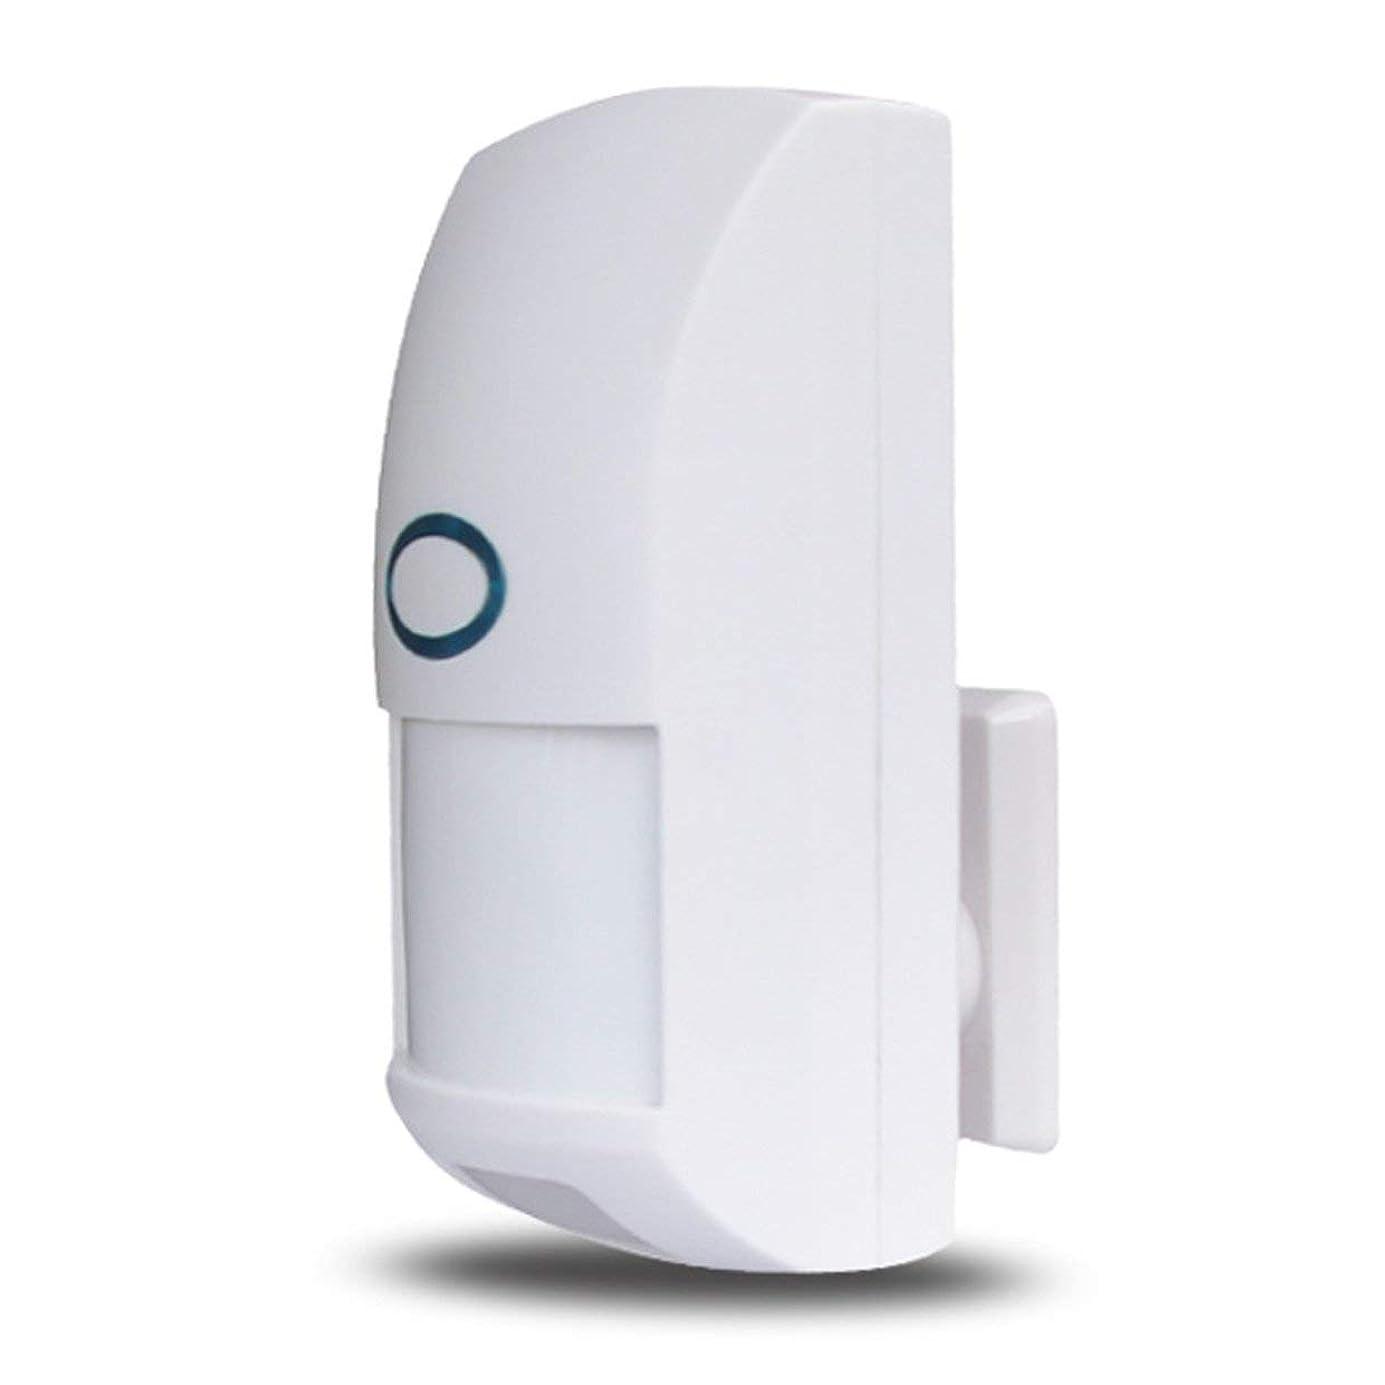 Tivollyff クリスマスプレゼント ワイヤレス アンチペット検出器 赤外線プローブ 人体センサー PIR検出器 アラームセキュリティシステム用